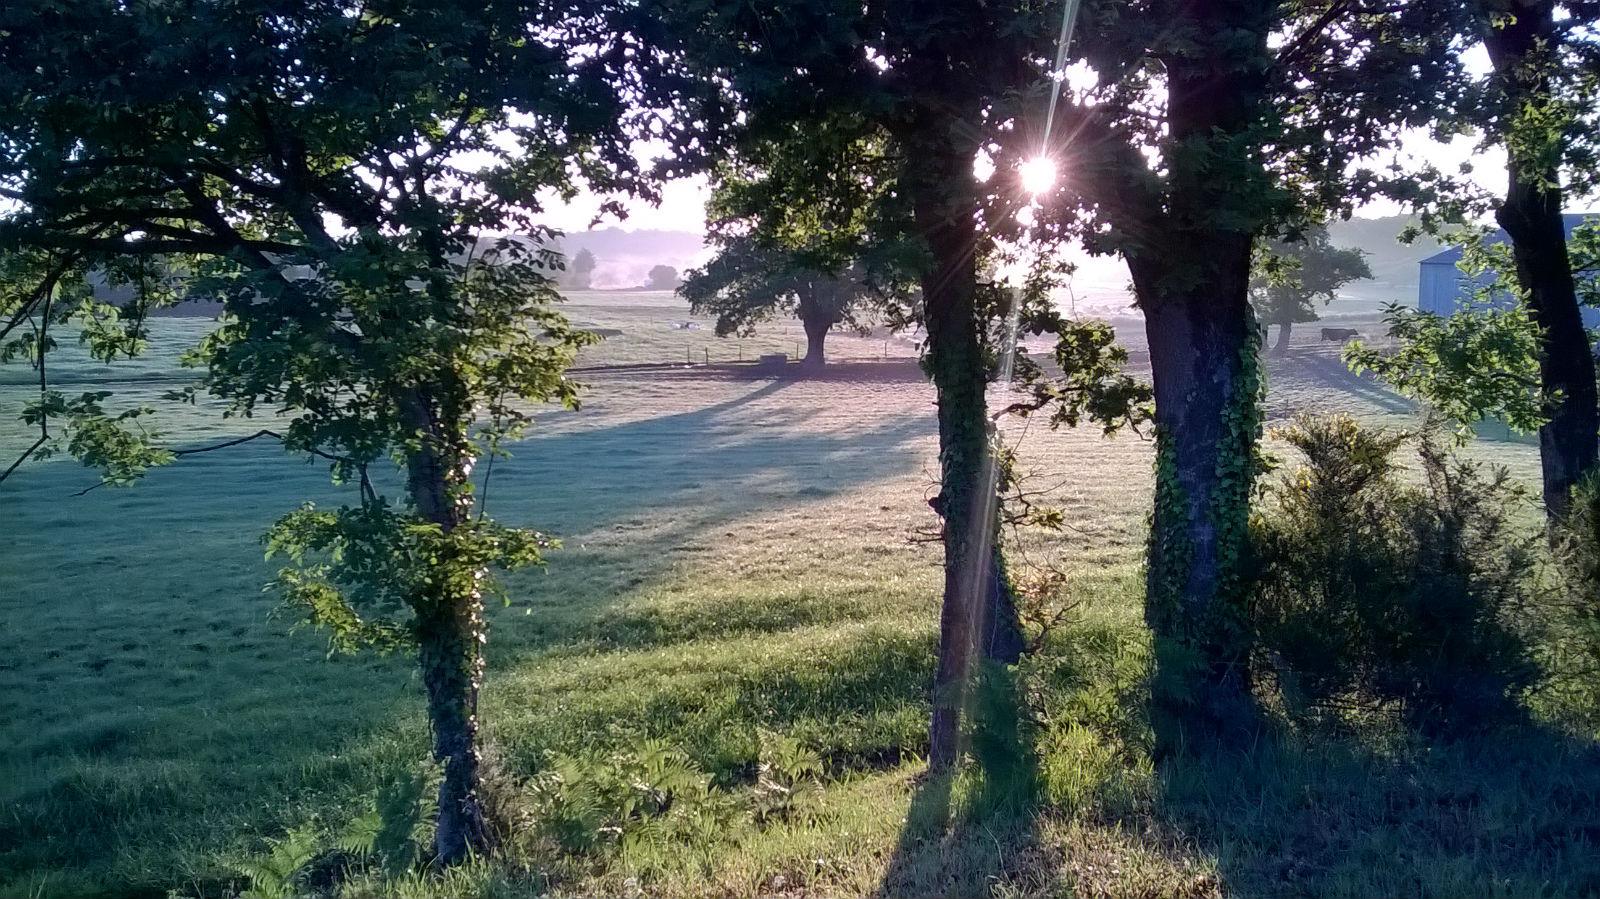 Le soleil se lève sur le champs des vaches.